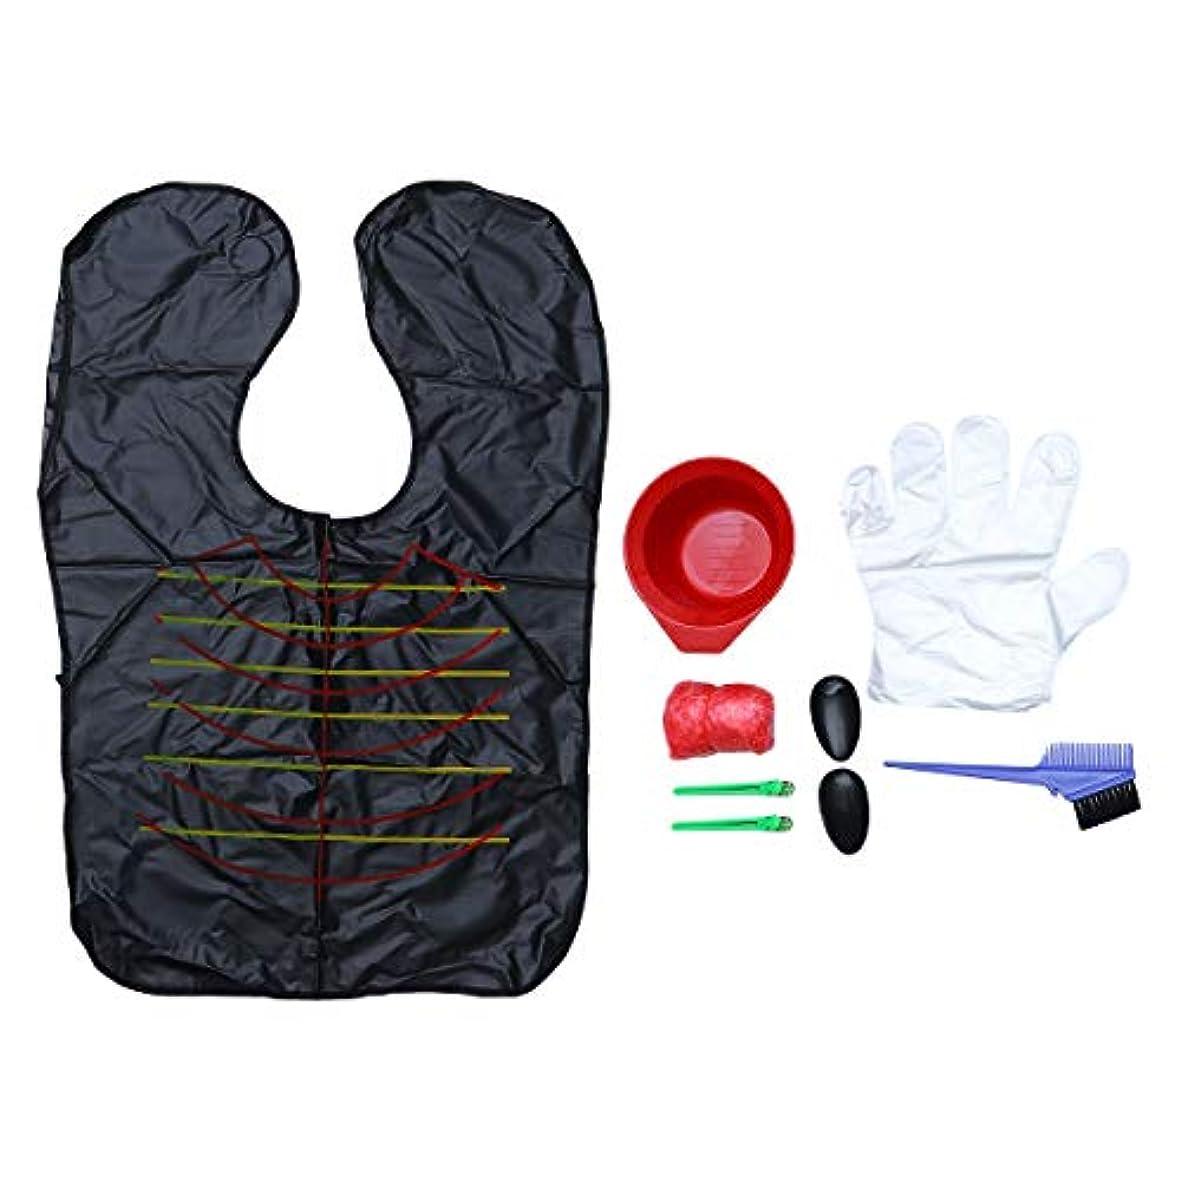 韓国ポップ行政HEALLILY ヘアカラー染色キットヘアダイDIYツールダイブラシミキシングボウルイヤーキャップシャワーキャップ弾性手袋9個(ランダムカラー)